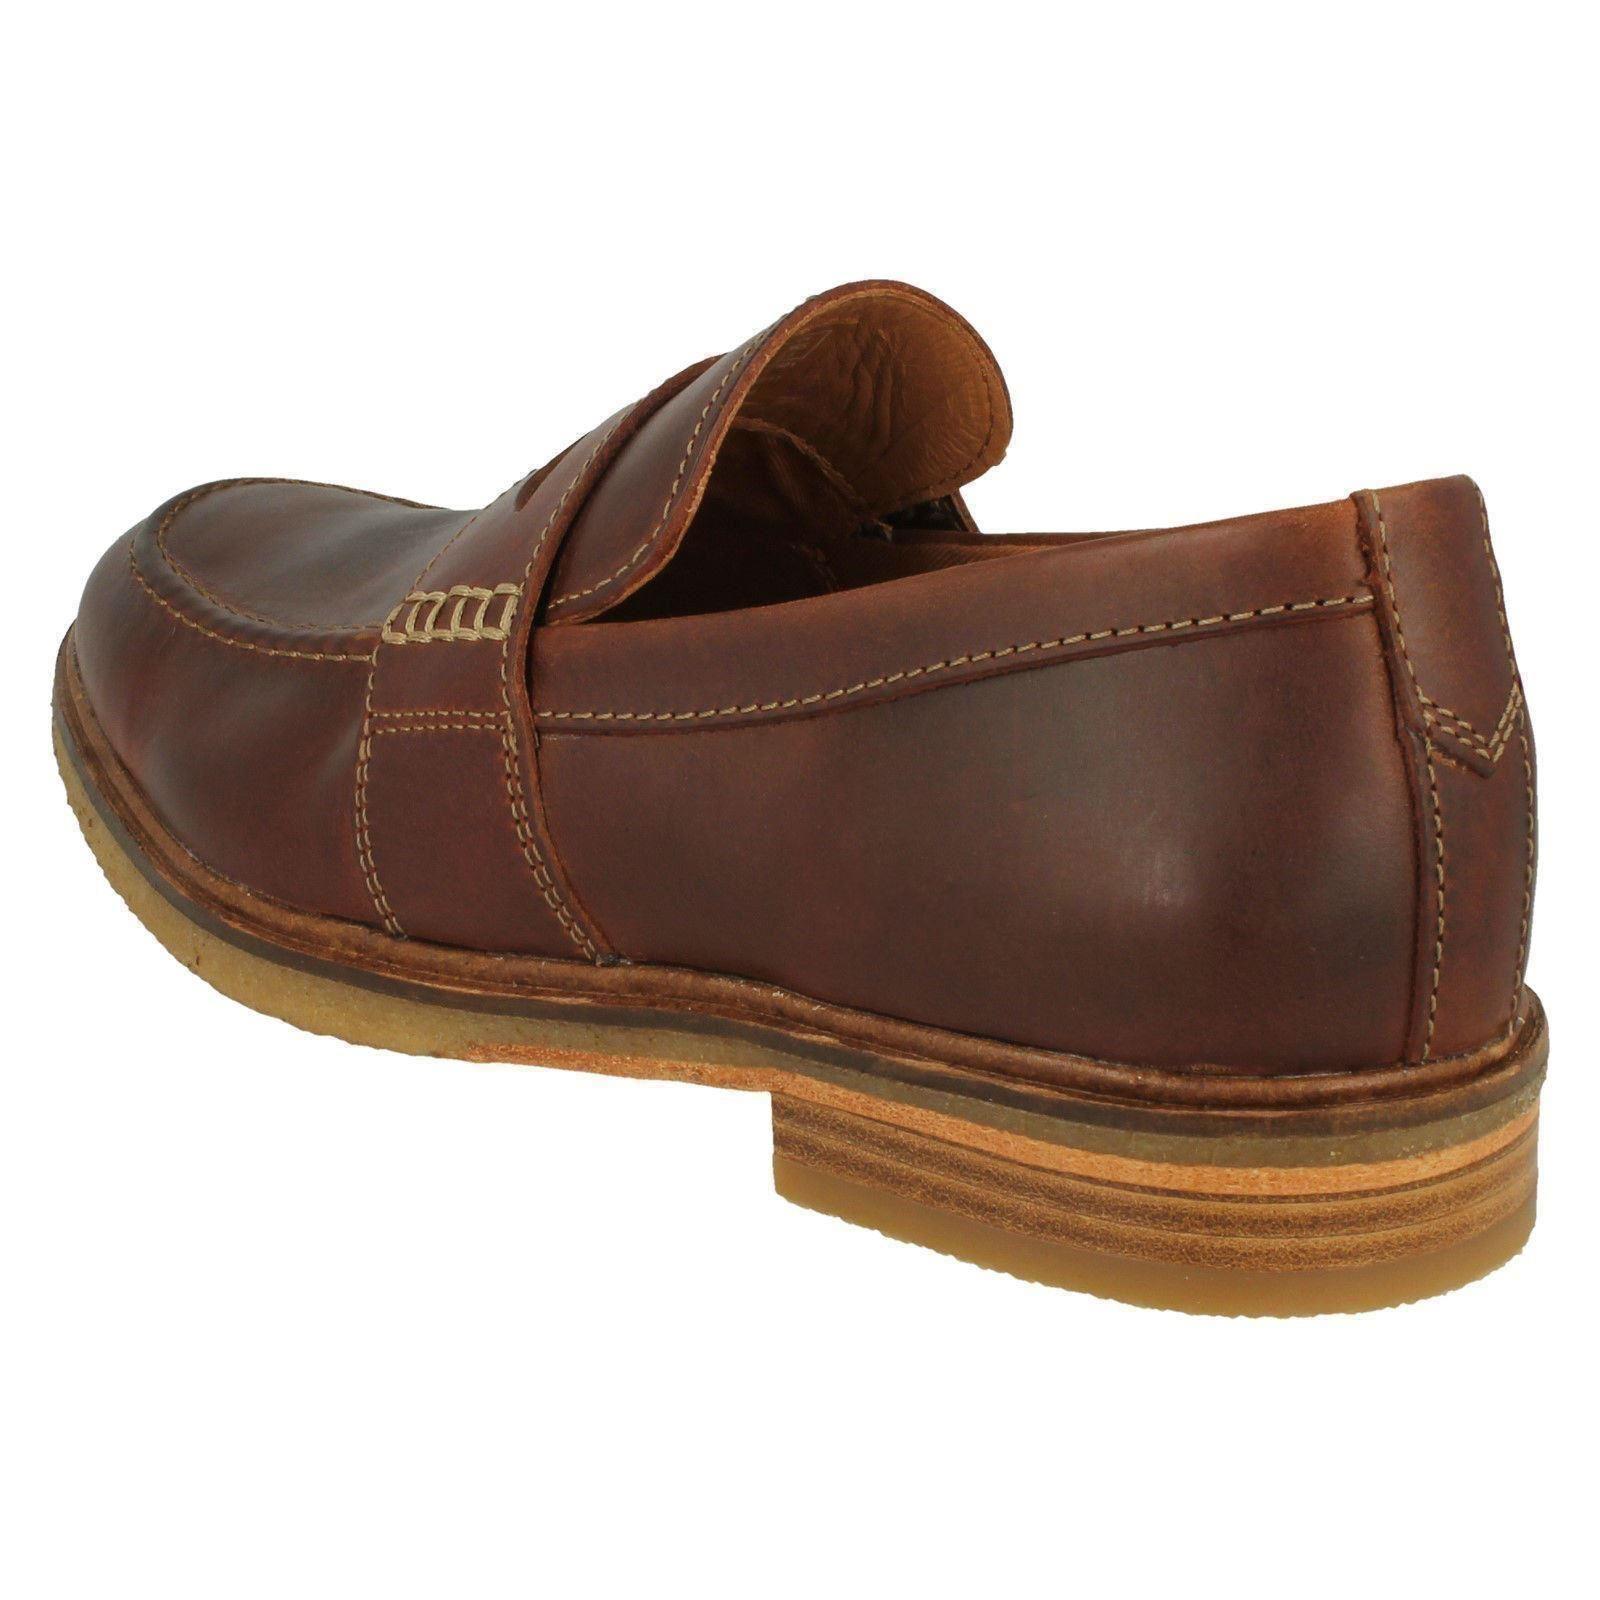 Clarks Originales Hombre ** WALLABEES BOTAS ** ** cheque marrón de manera Reino Unido Reino Unido 6,7,8,9,10 G